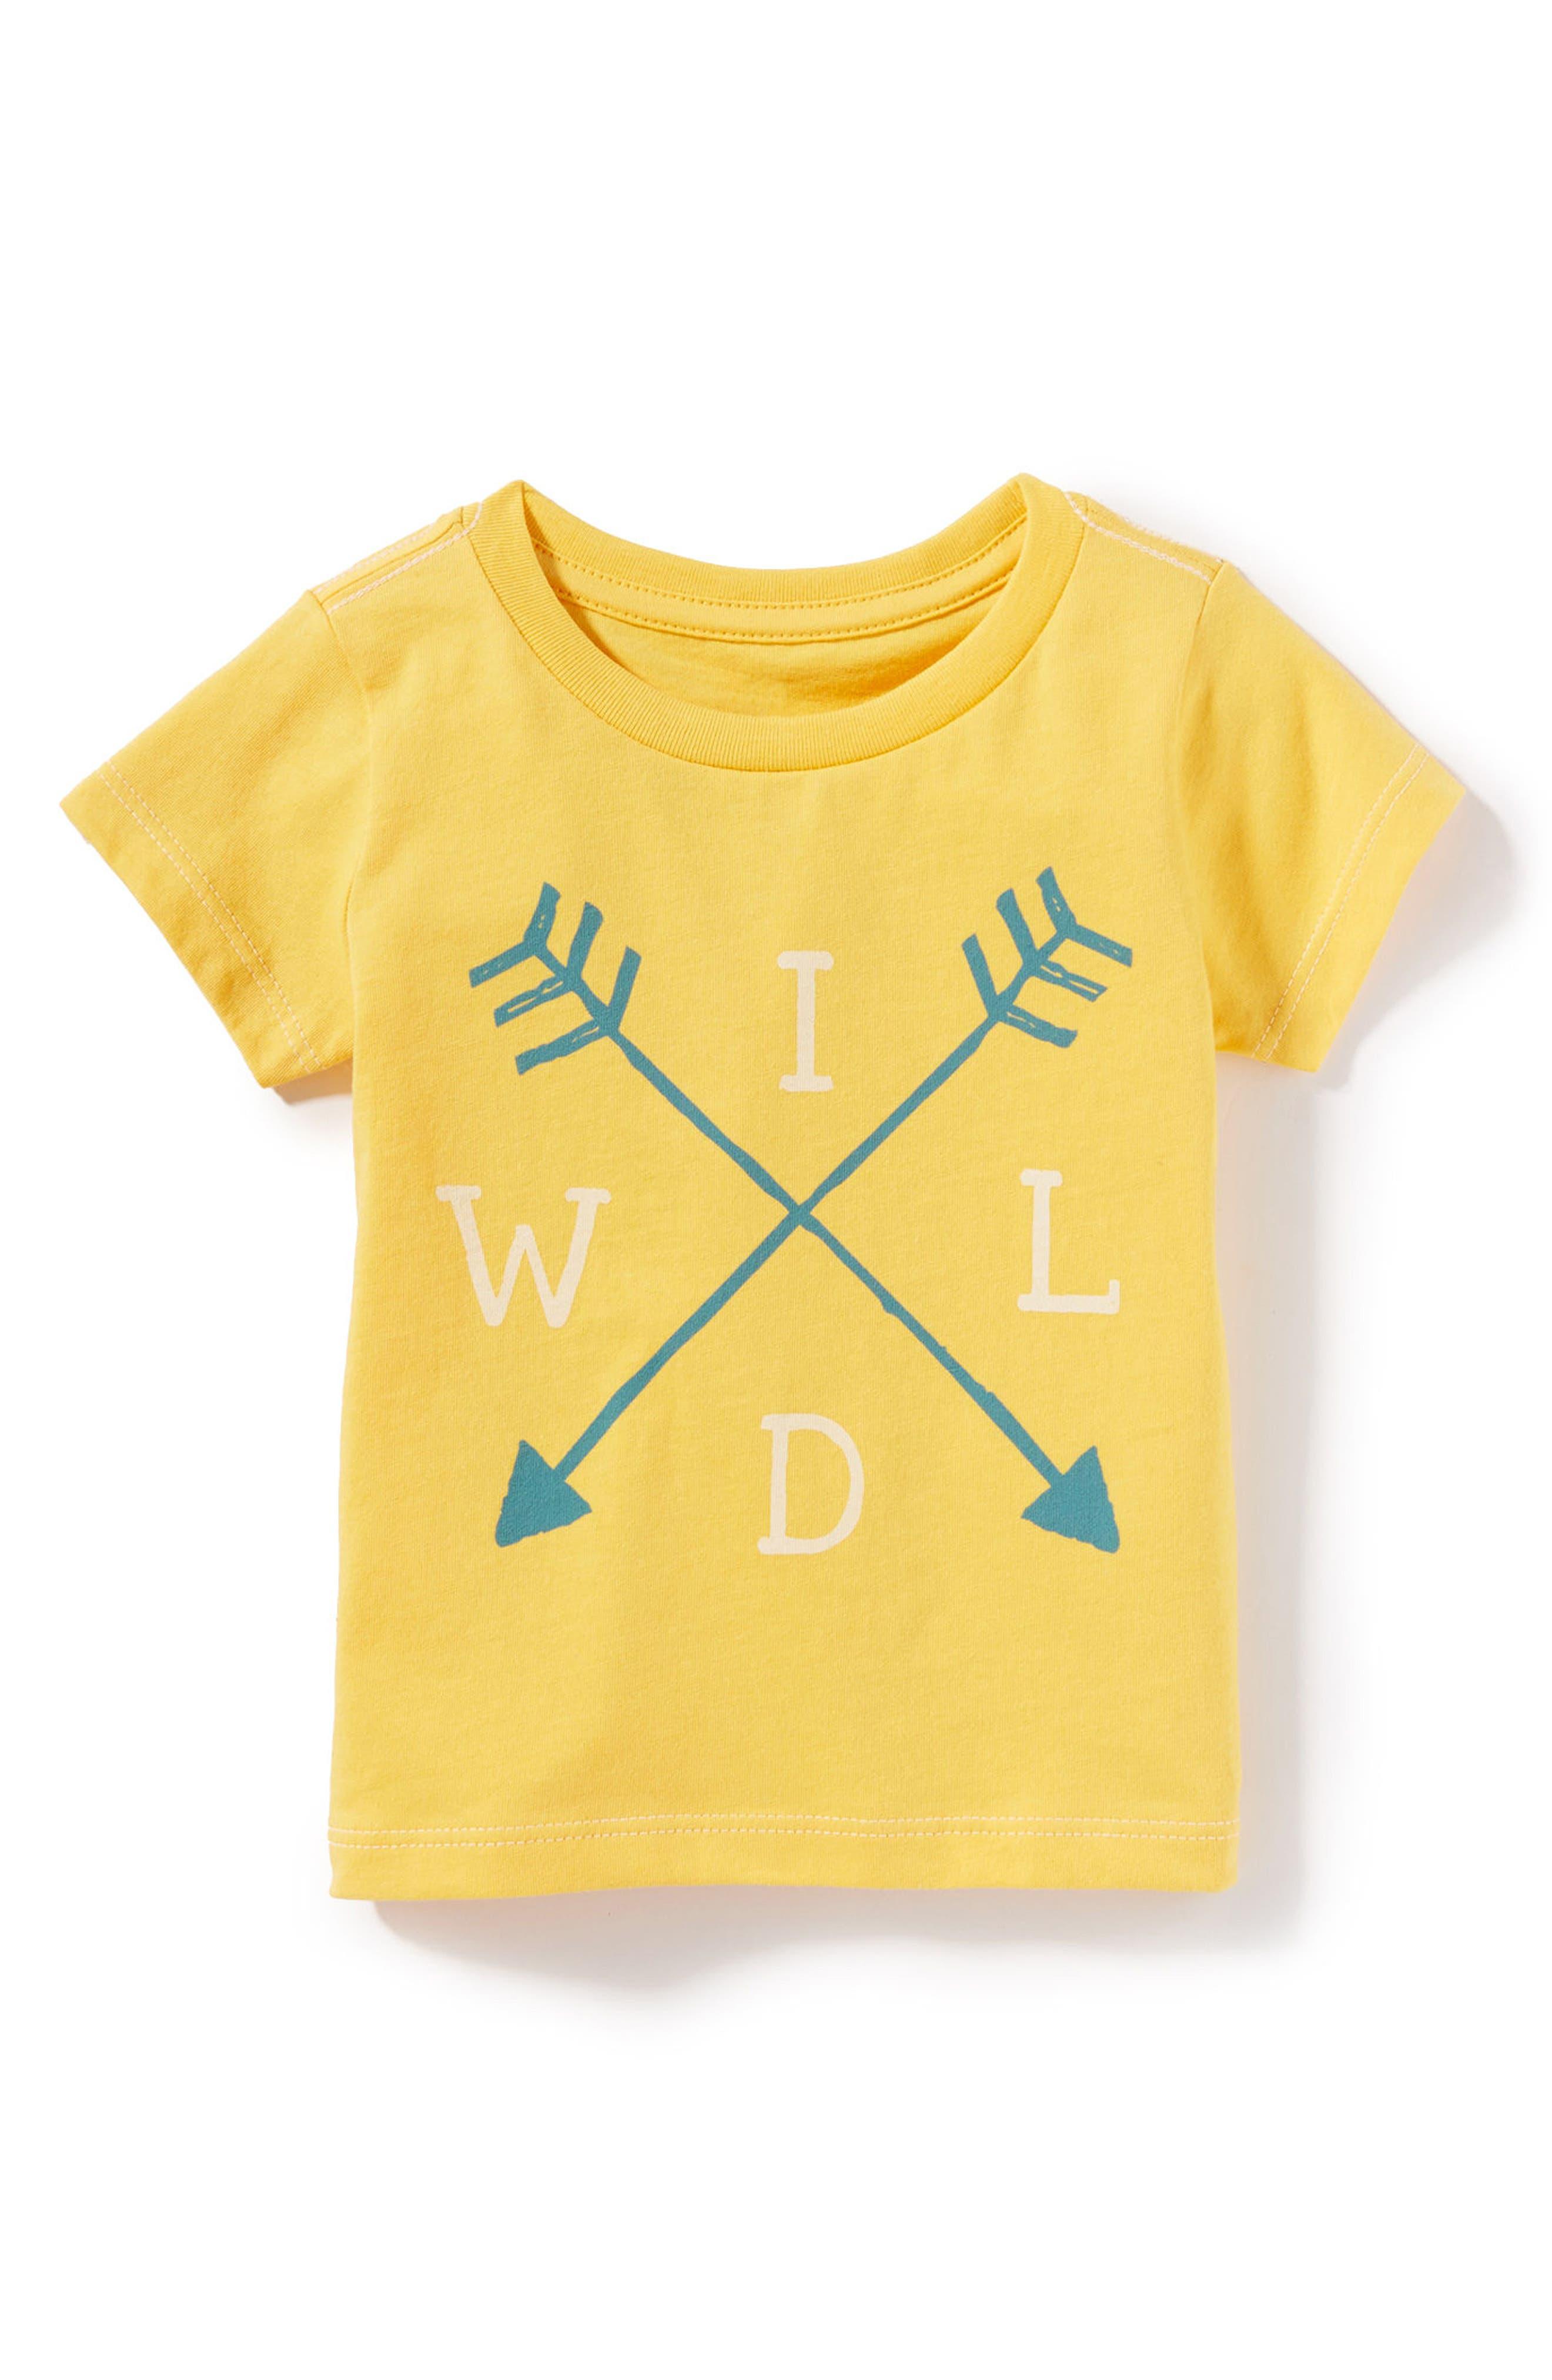 Main Image - Peek Wild Graphic T-Shirt (Baby Boys)